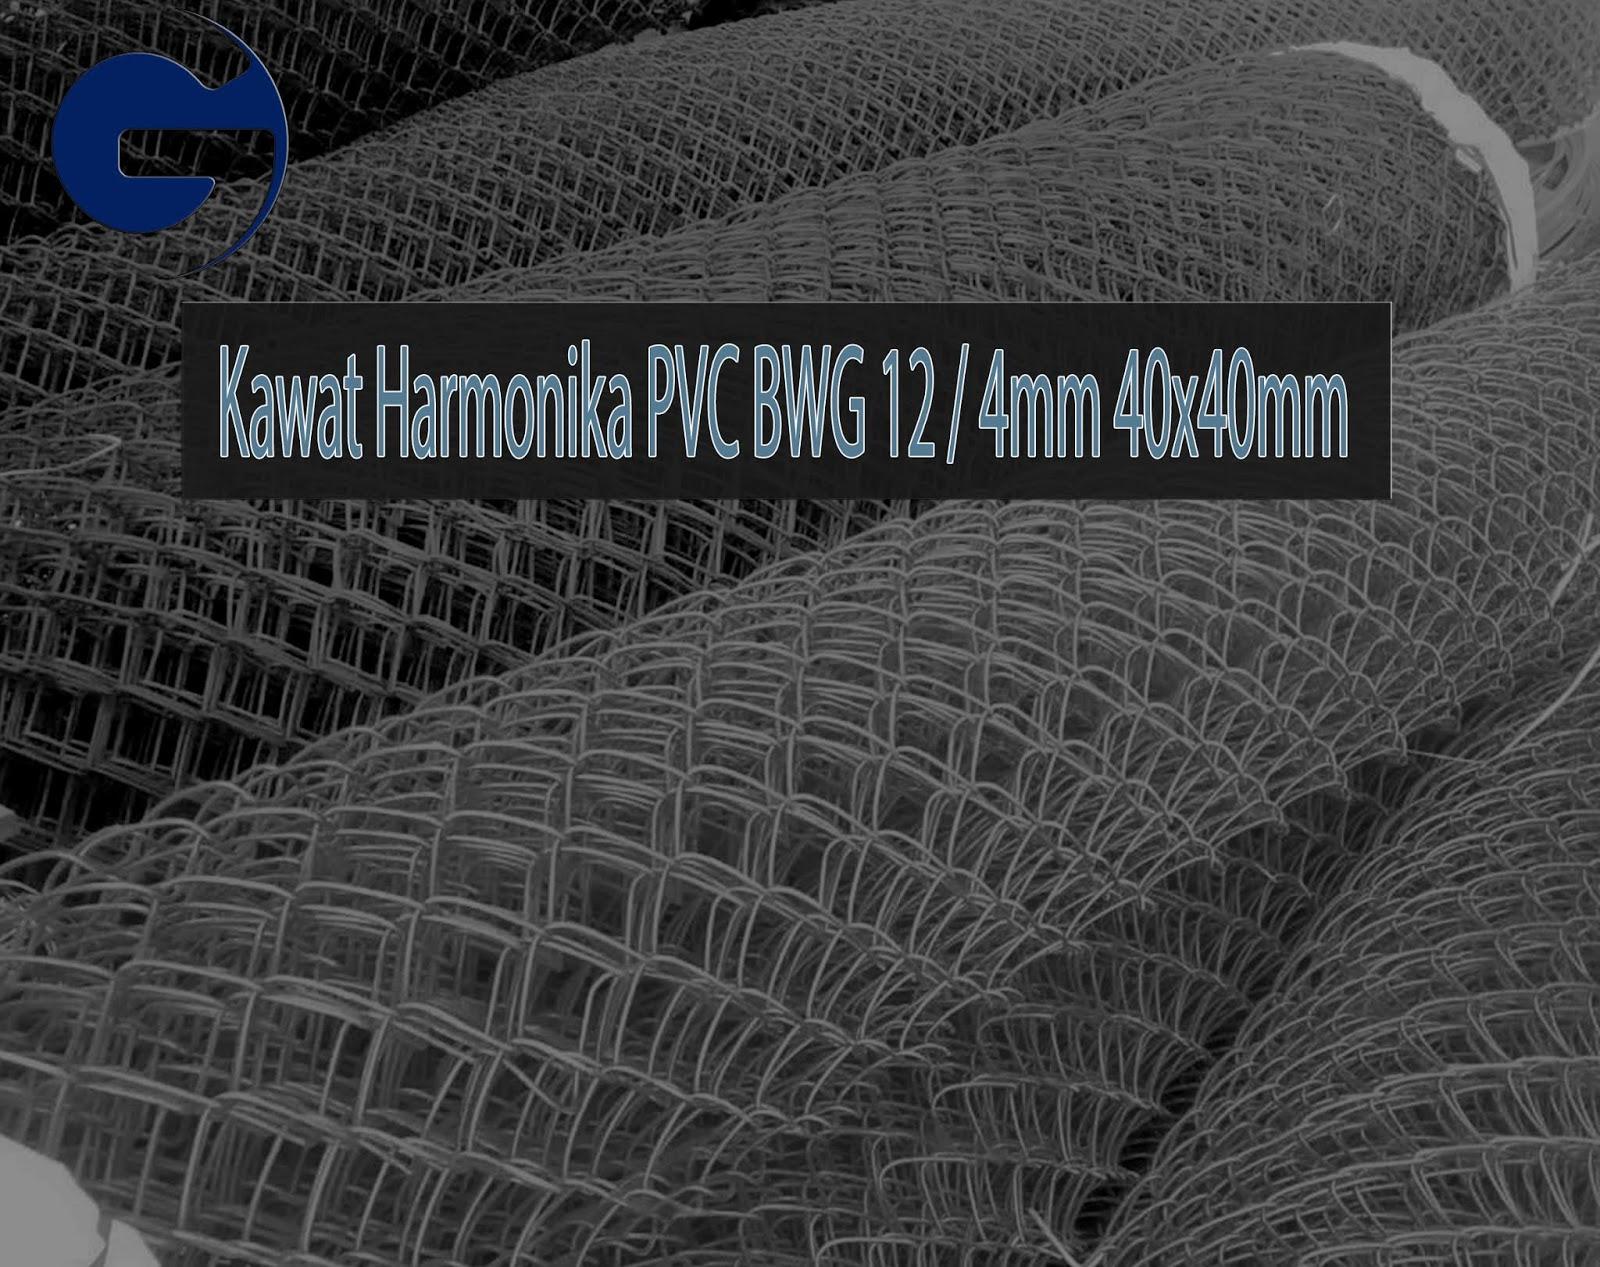 Jual Kawat Harmonika PVC SNI BWG 12/4mm 40x40mm